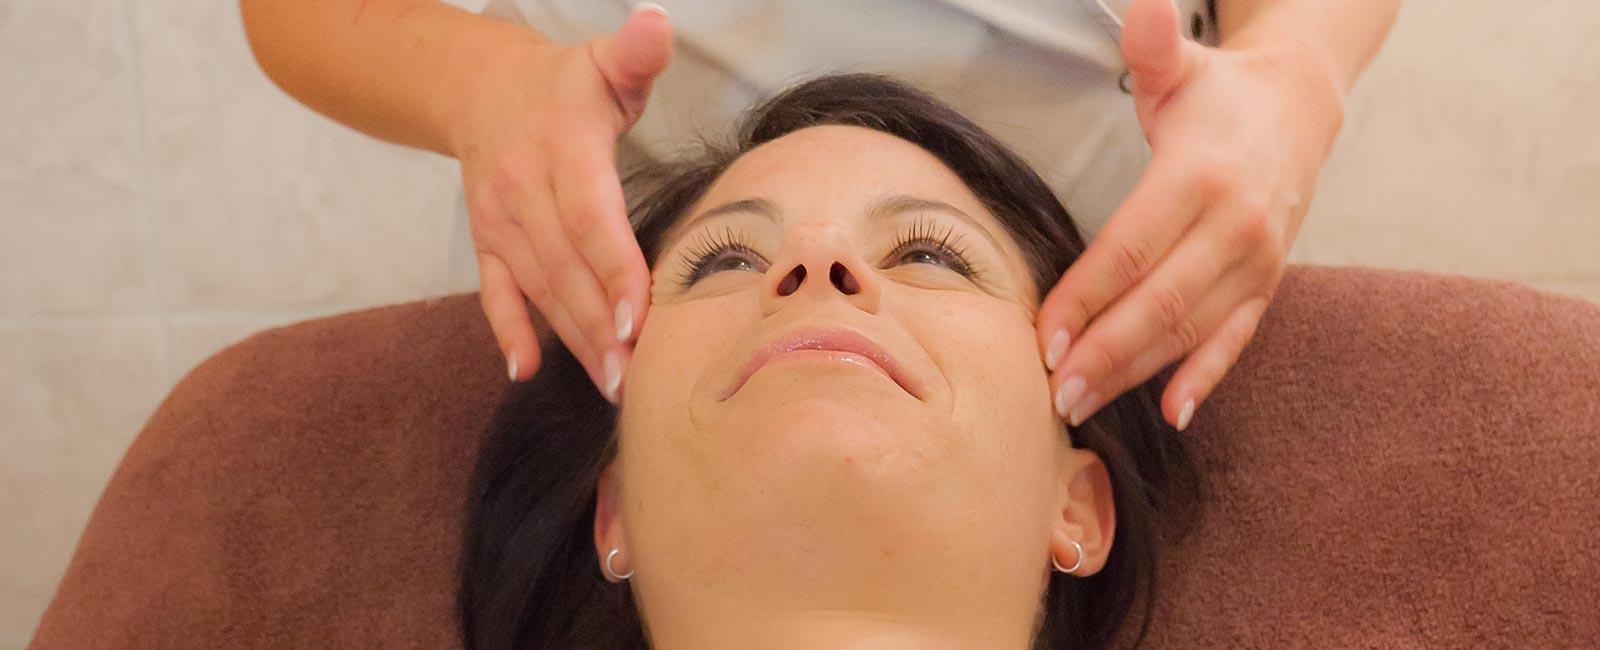 Bien-être Détente Massage